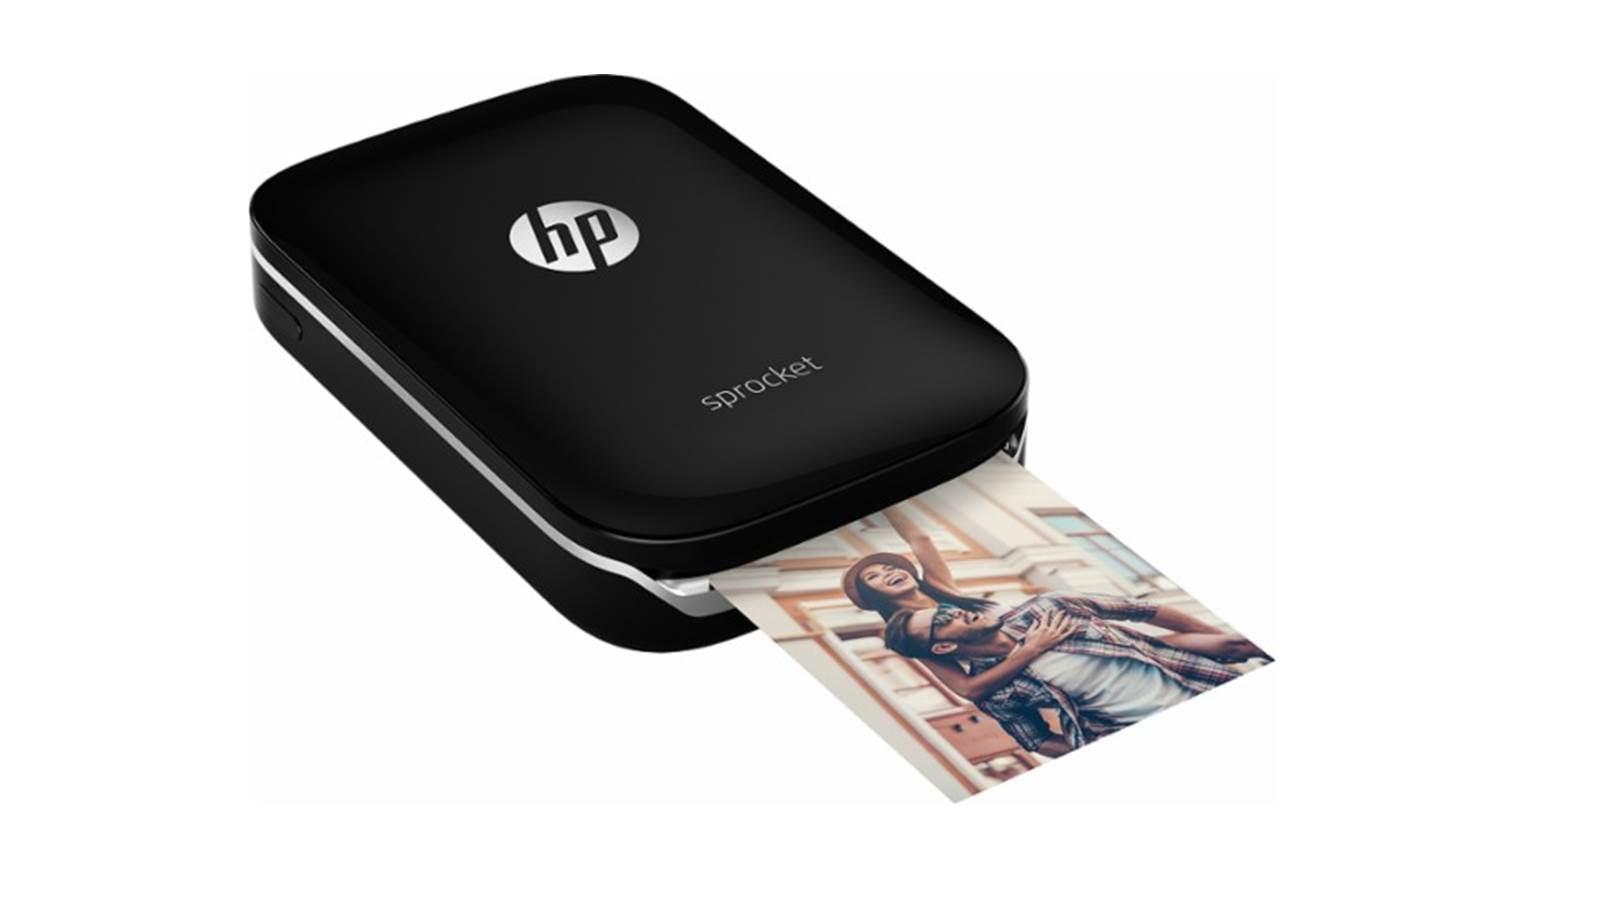 Thiết bị nhỏ gọn mang tính di động cao của HP